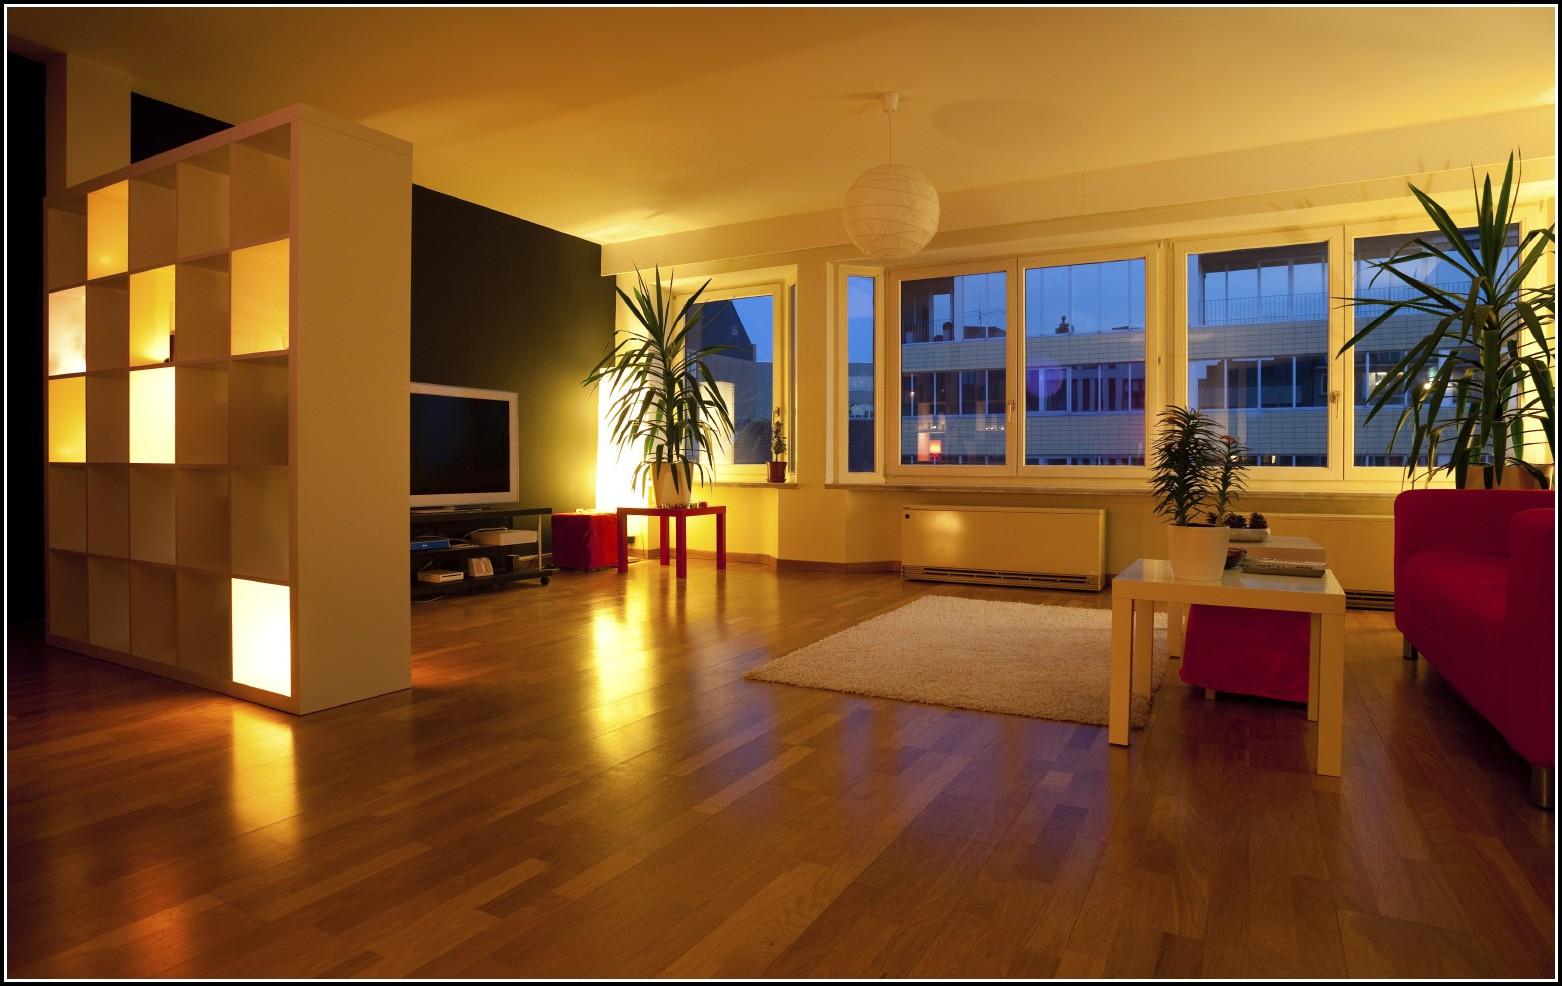 indirektes licht wohnzimmer selber bauen wohnzimmer. Black Bedroom Furniture Sets. Home Design Ideas